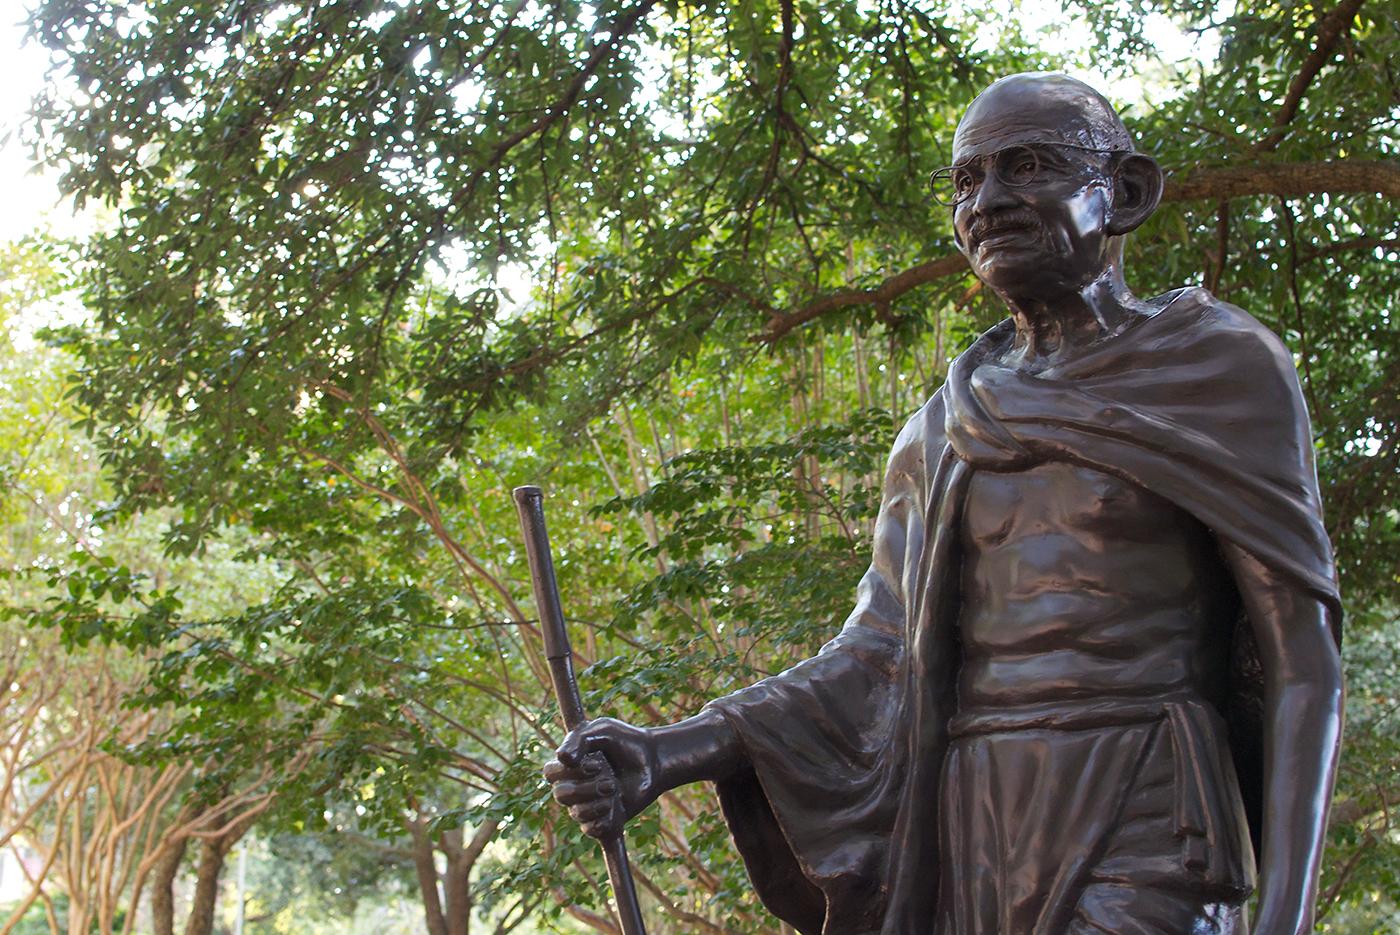 Gandhi Statue to be Refashioned